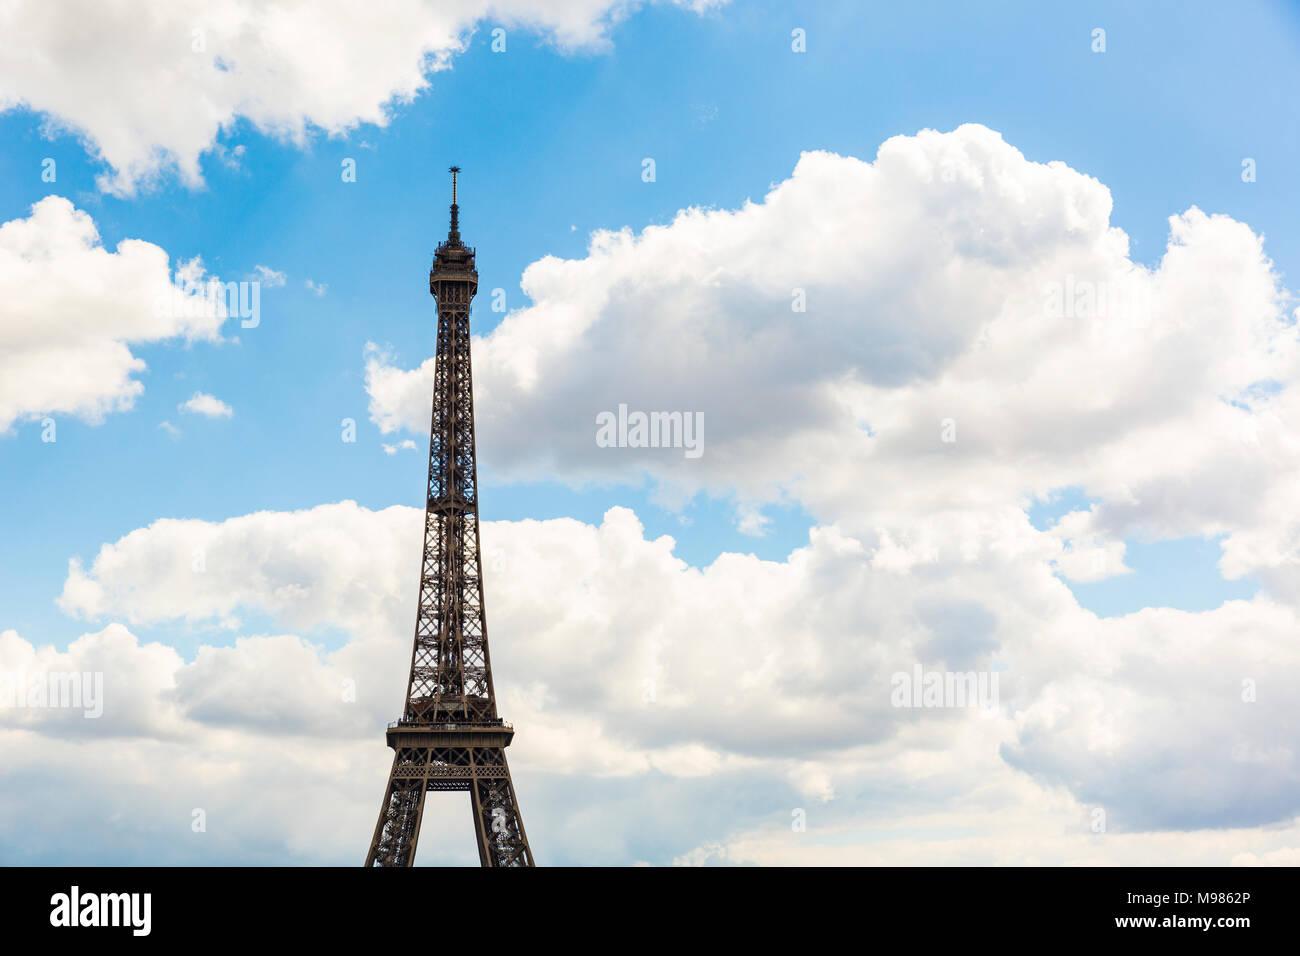 France, Ile-de-France, Paris, Eiffel Tower and clouds - Stock Image